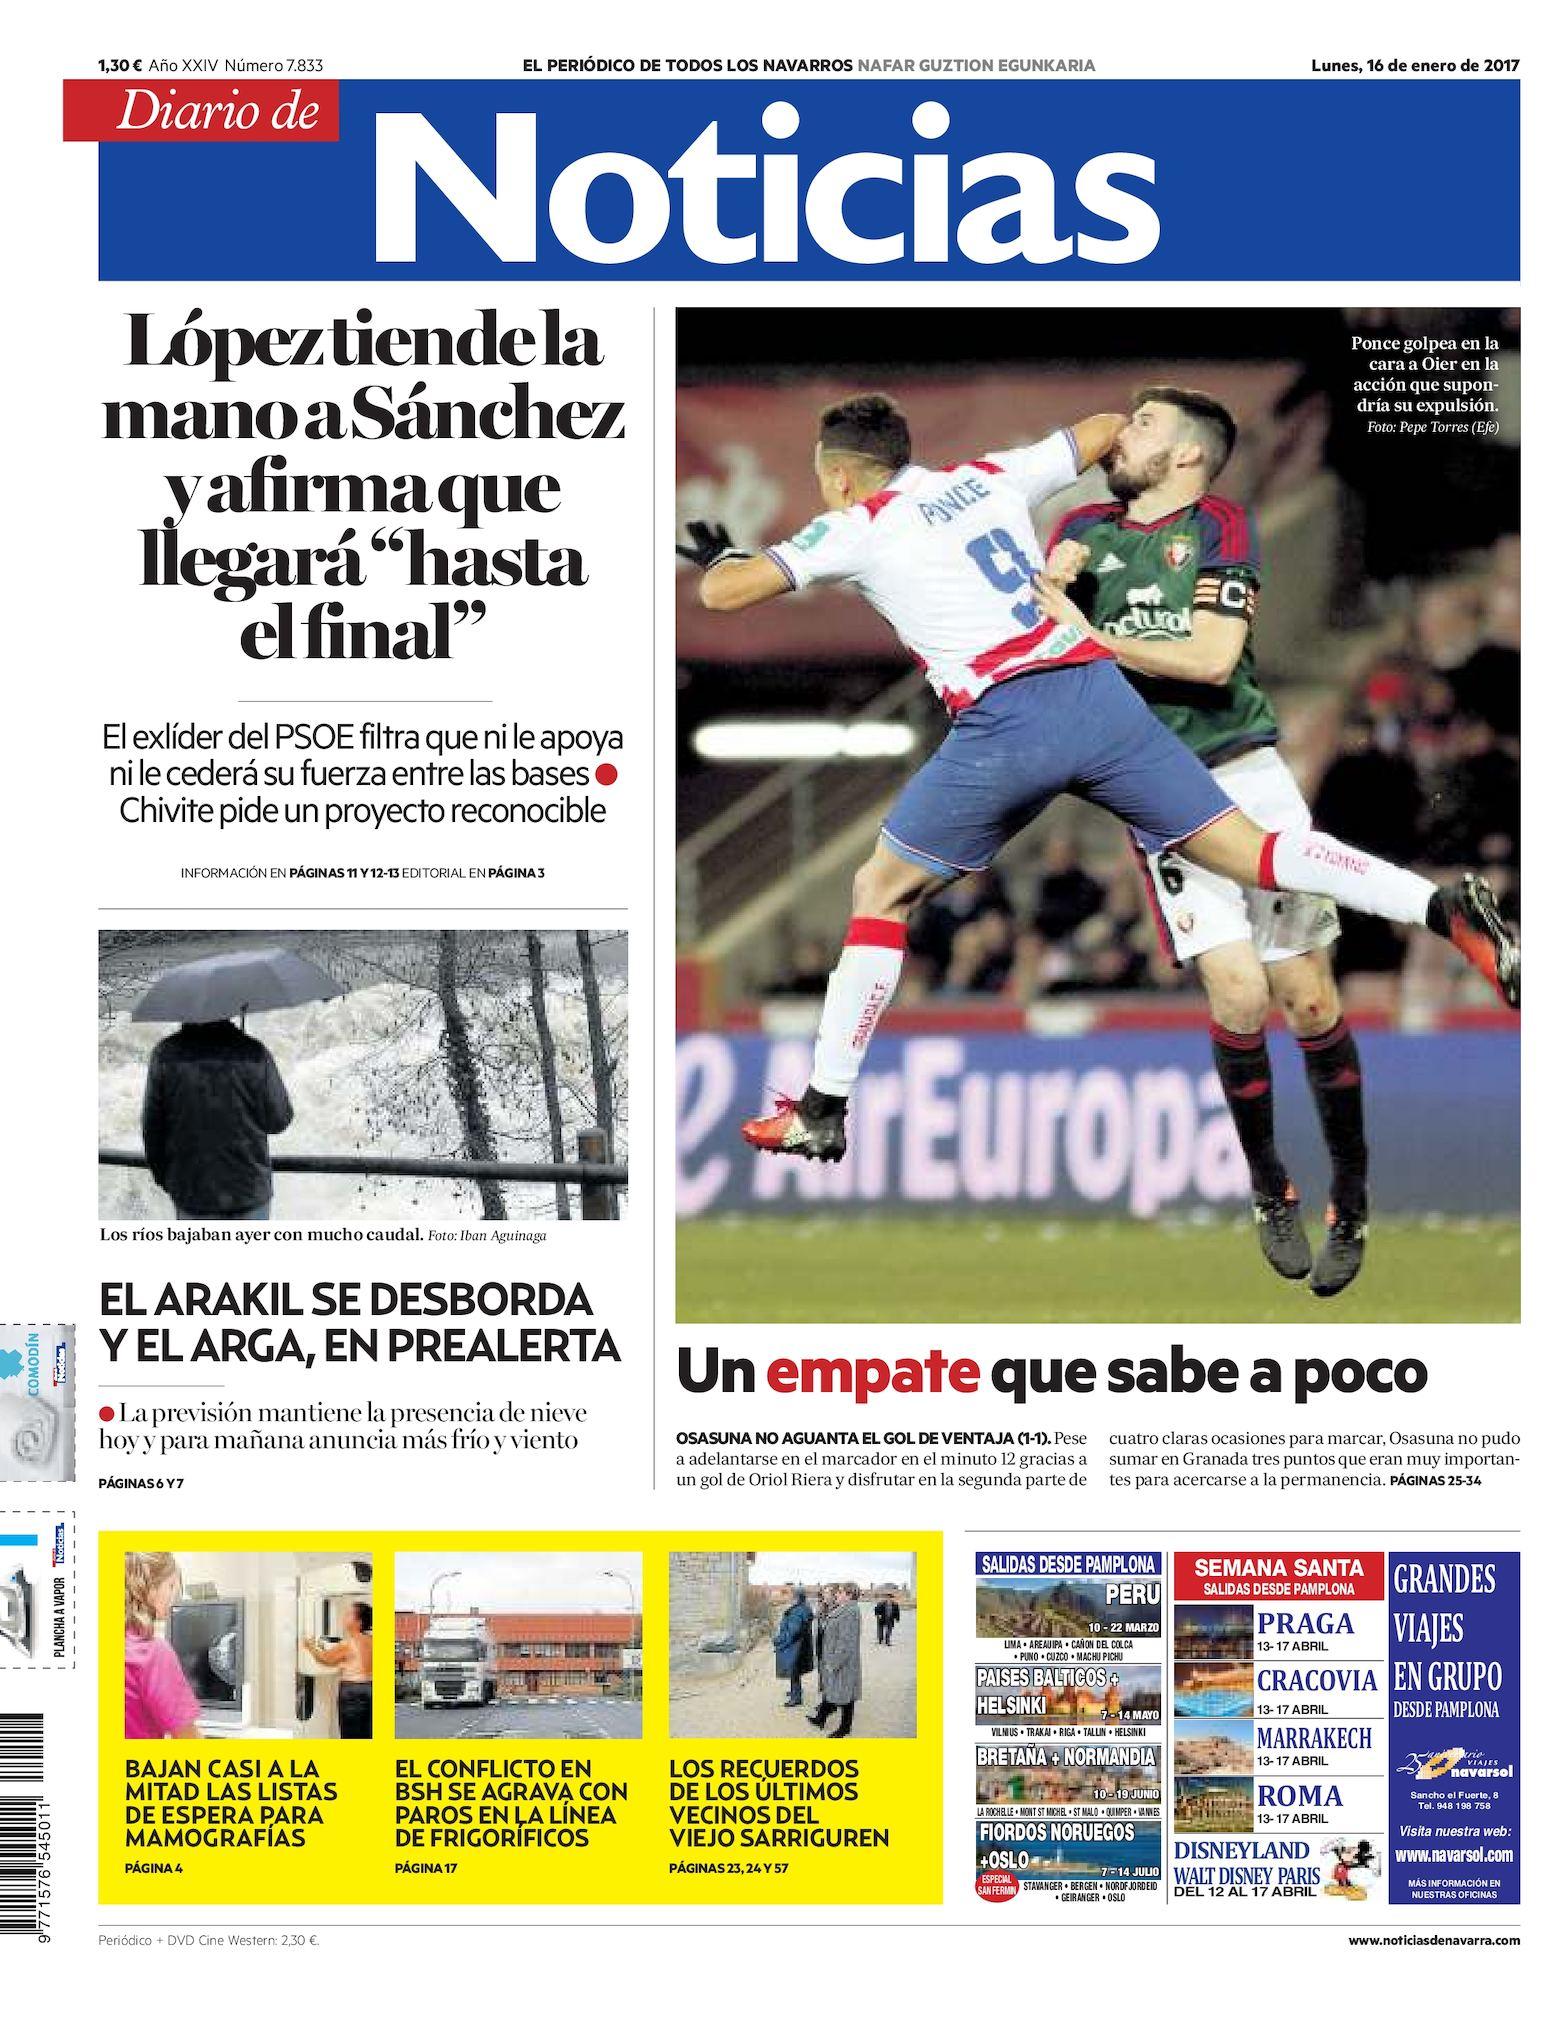 Calaméo - Diario de Noticias 20170116 1c58f748ee3c8